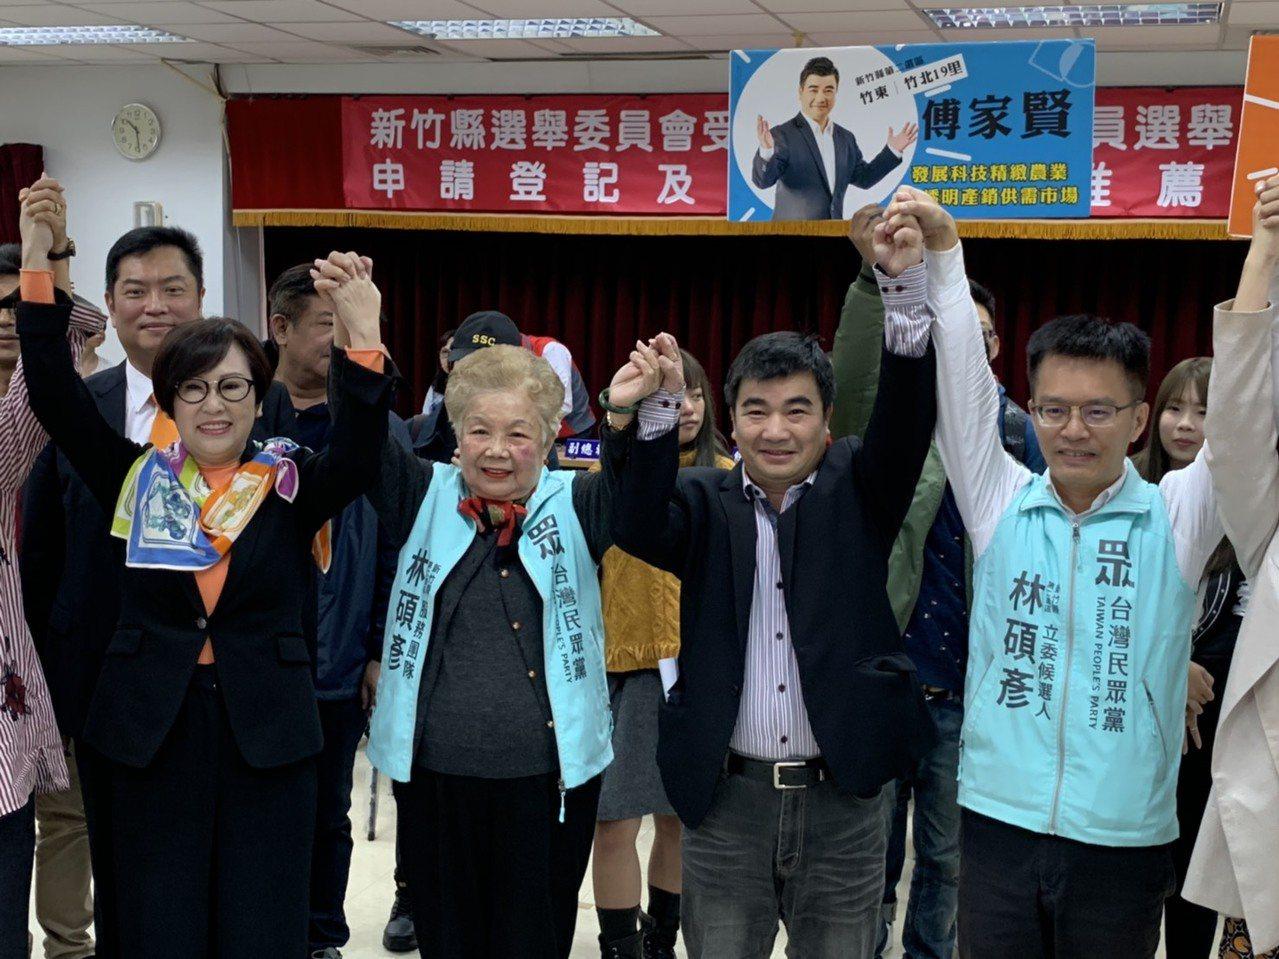 原本是競爭對手的傅家賢(右一)與林碩彥(右二),立刻團結合作喊出「科技人支持科技...